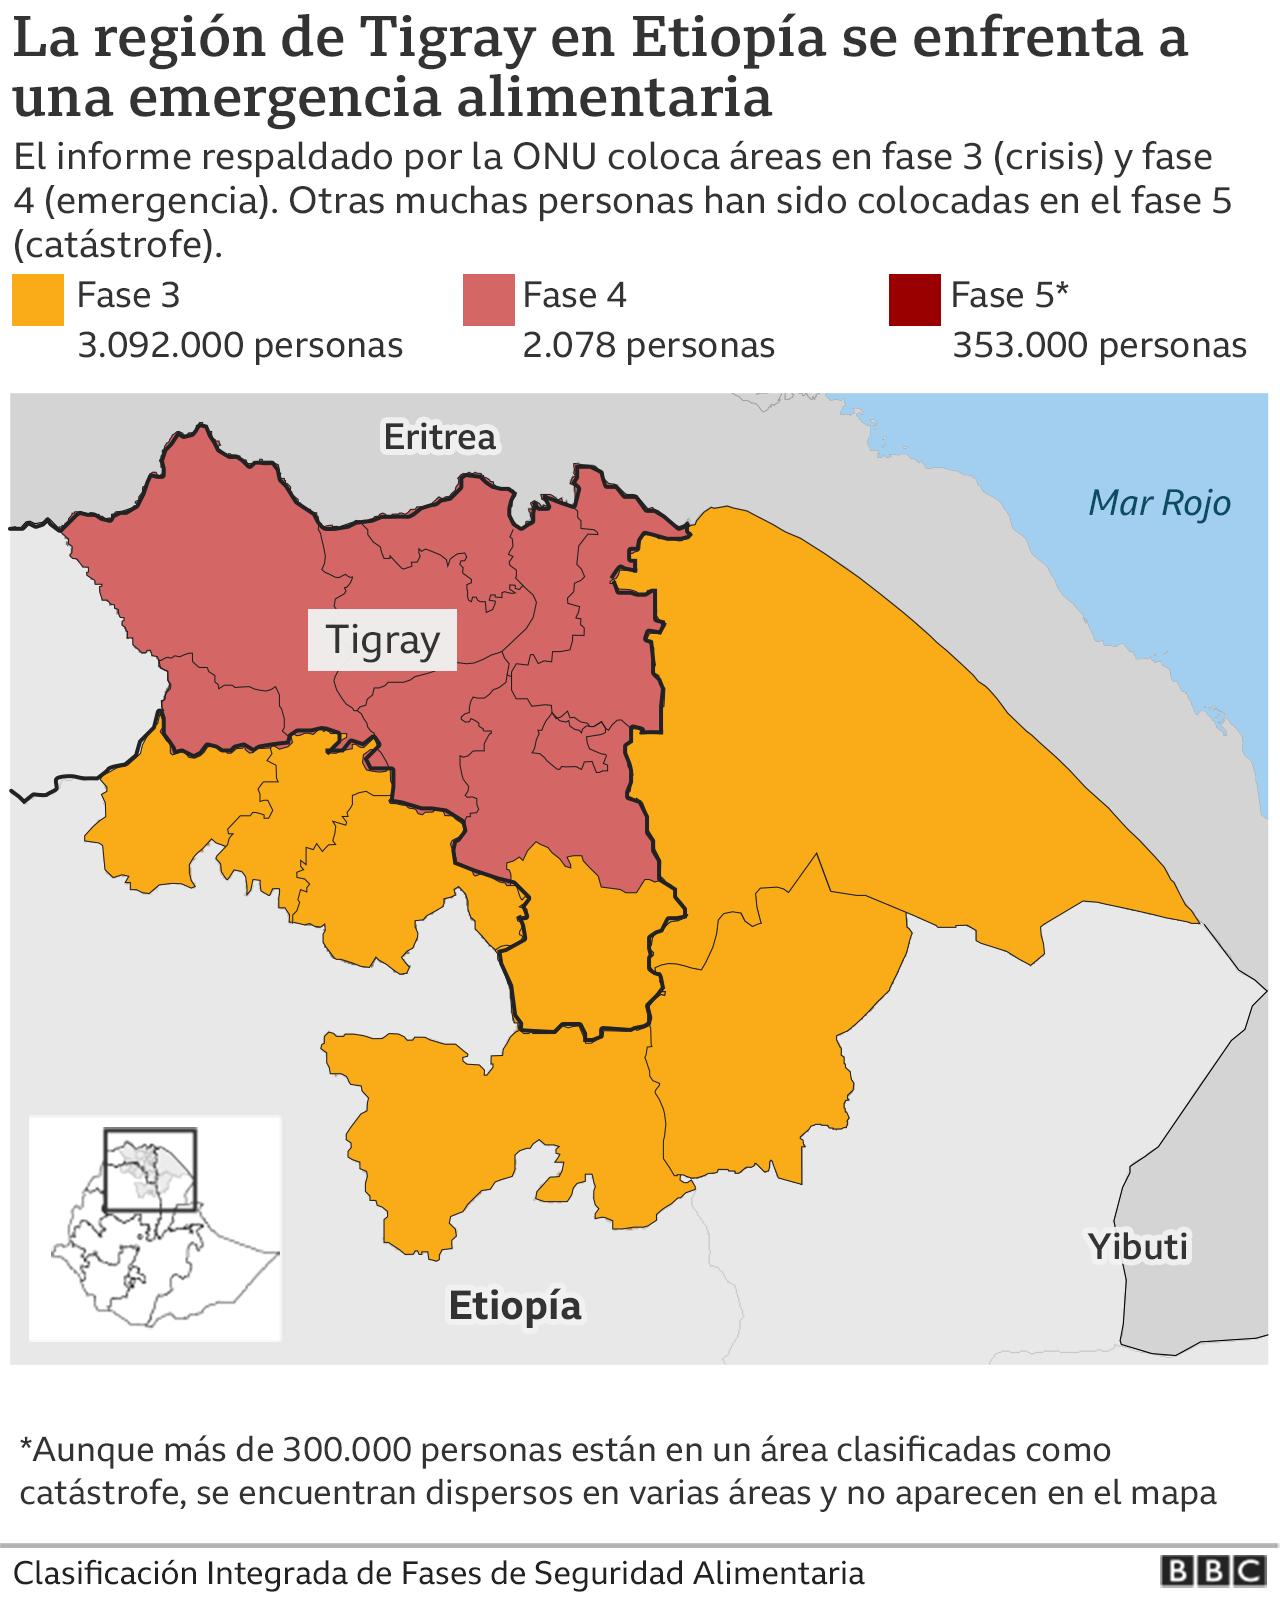 Mapa del conflicto